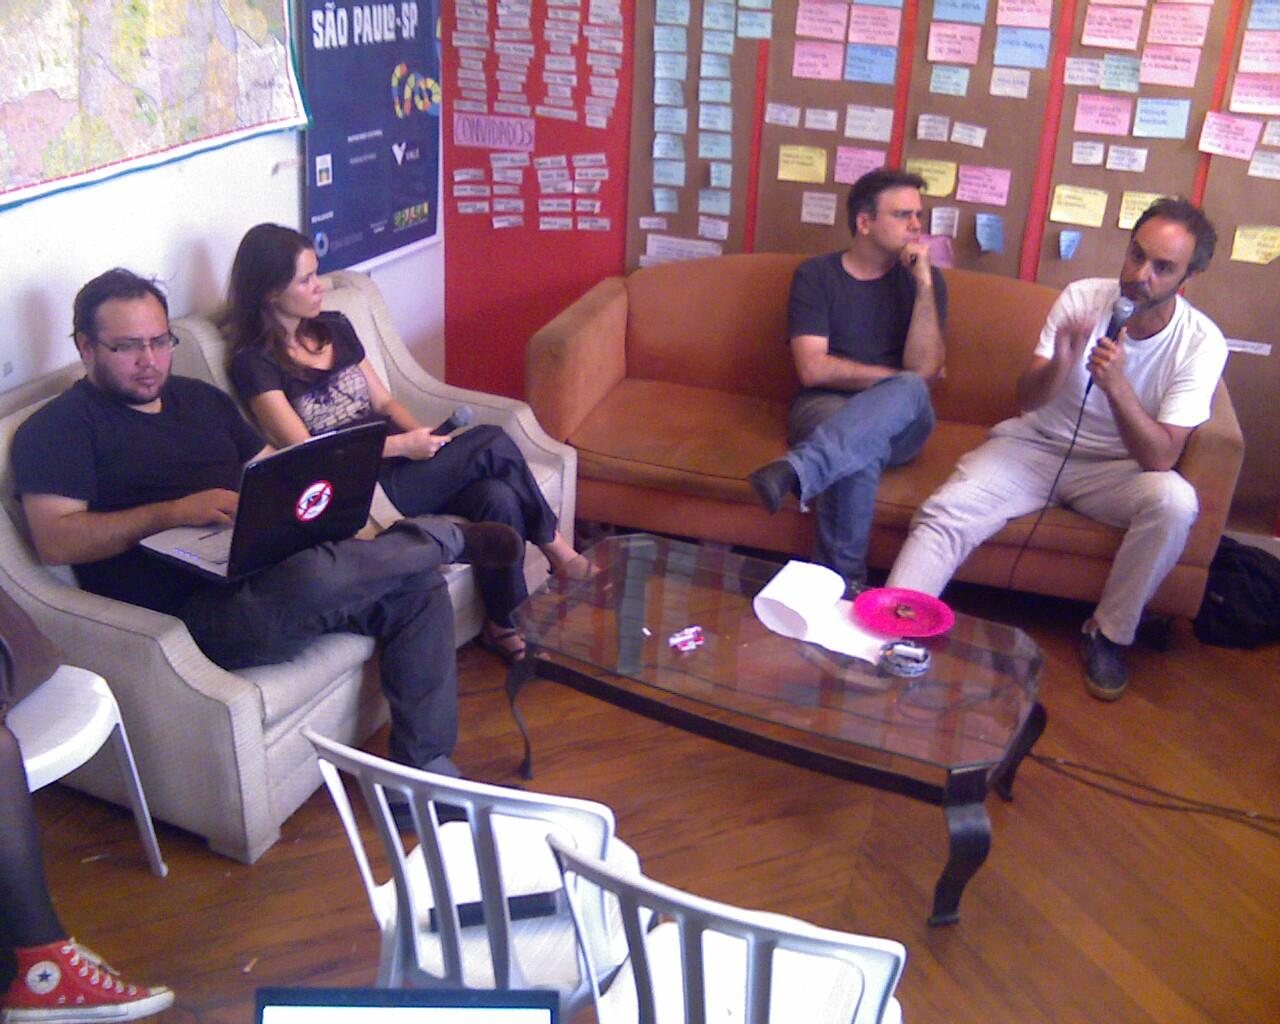 .leonardobr conferindo os tweets da #postv #AoVivo #CongressoFdE